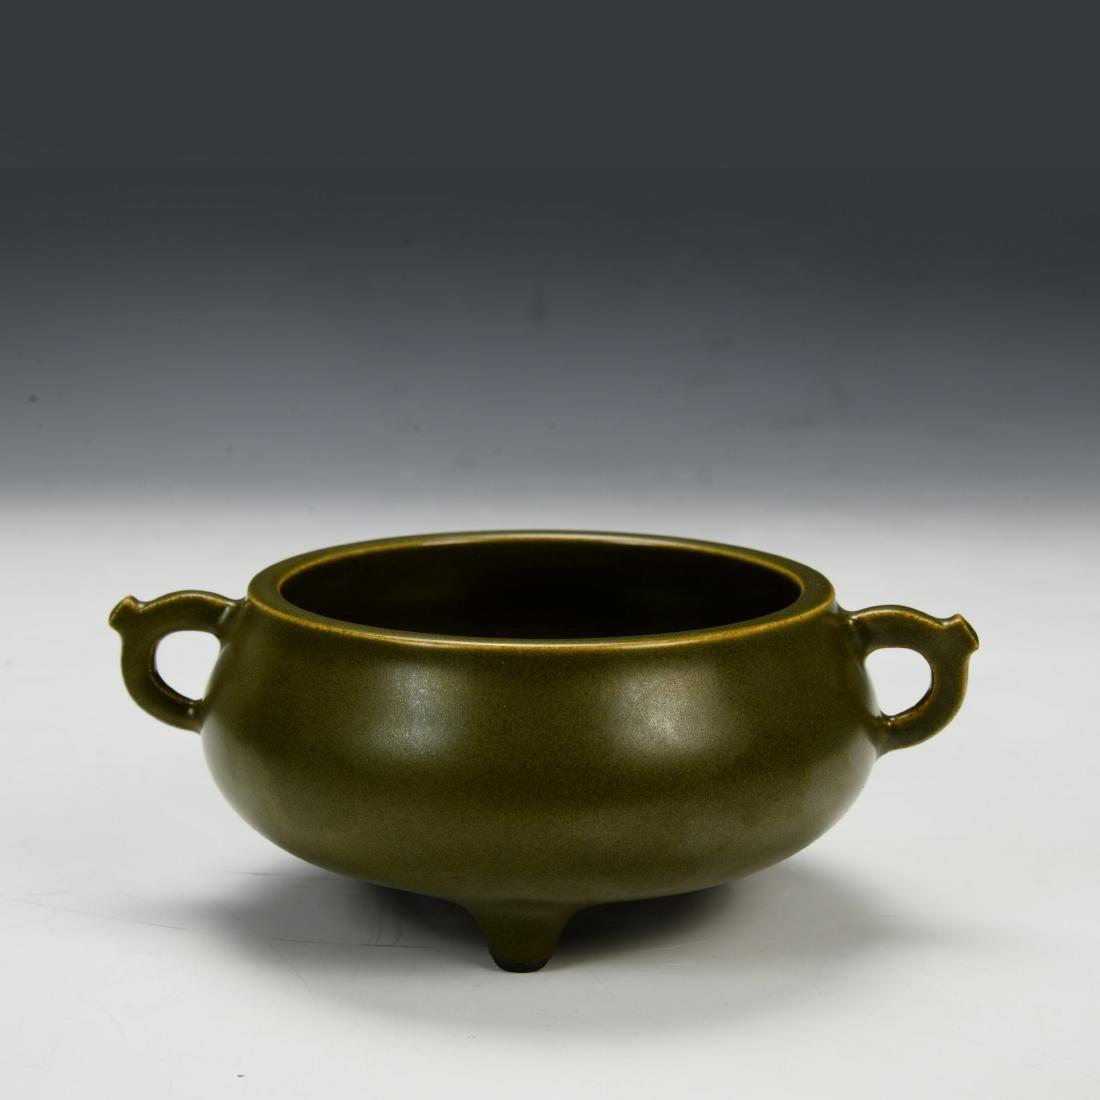 Chinese Teadust Glazed Censer